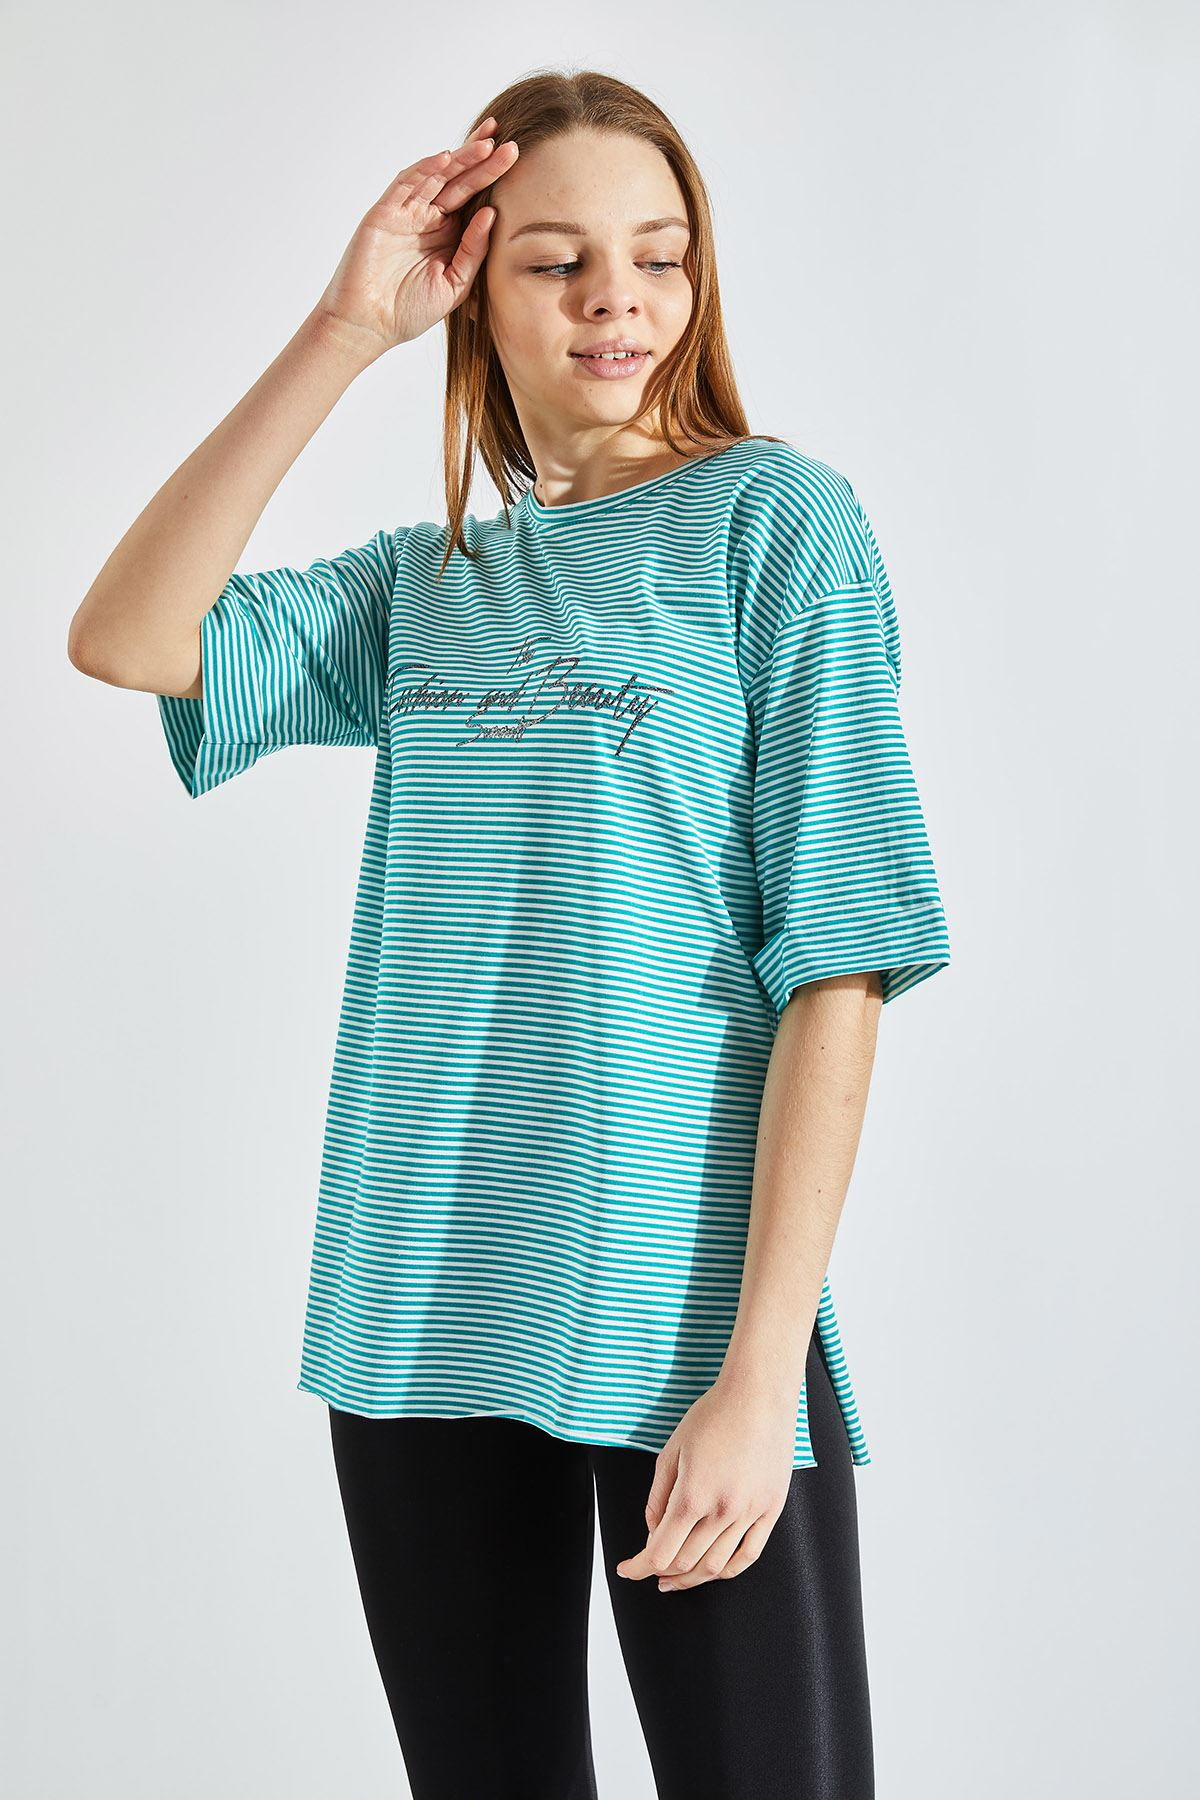 Kadın Çizgili Yazı Baskılı Yeşil Tişört